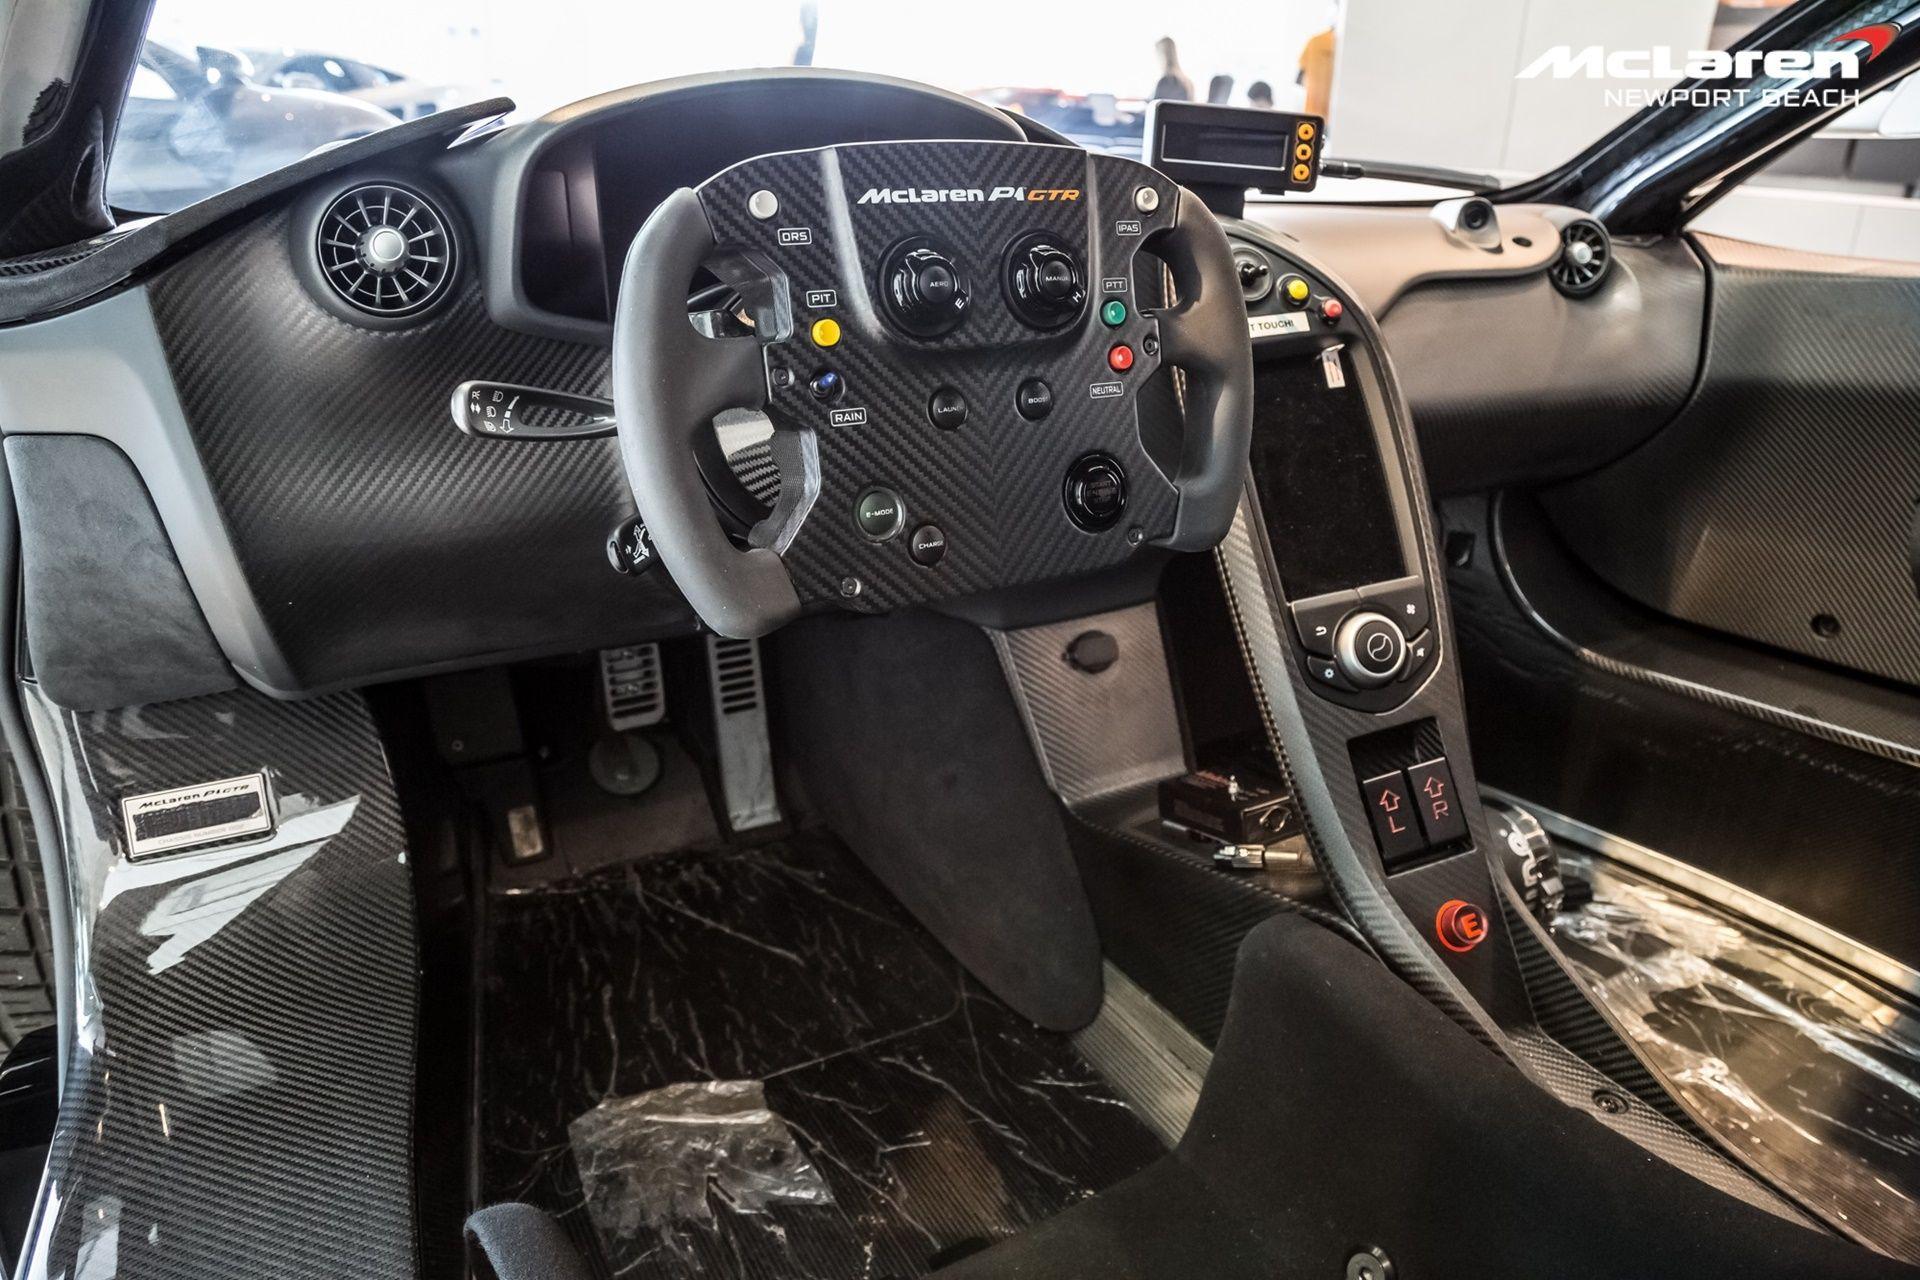 25 White Blue Mclaren P1 Gtr Interior Steering Wheel Sssupersports